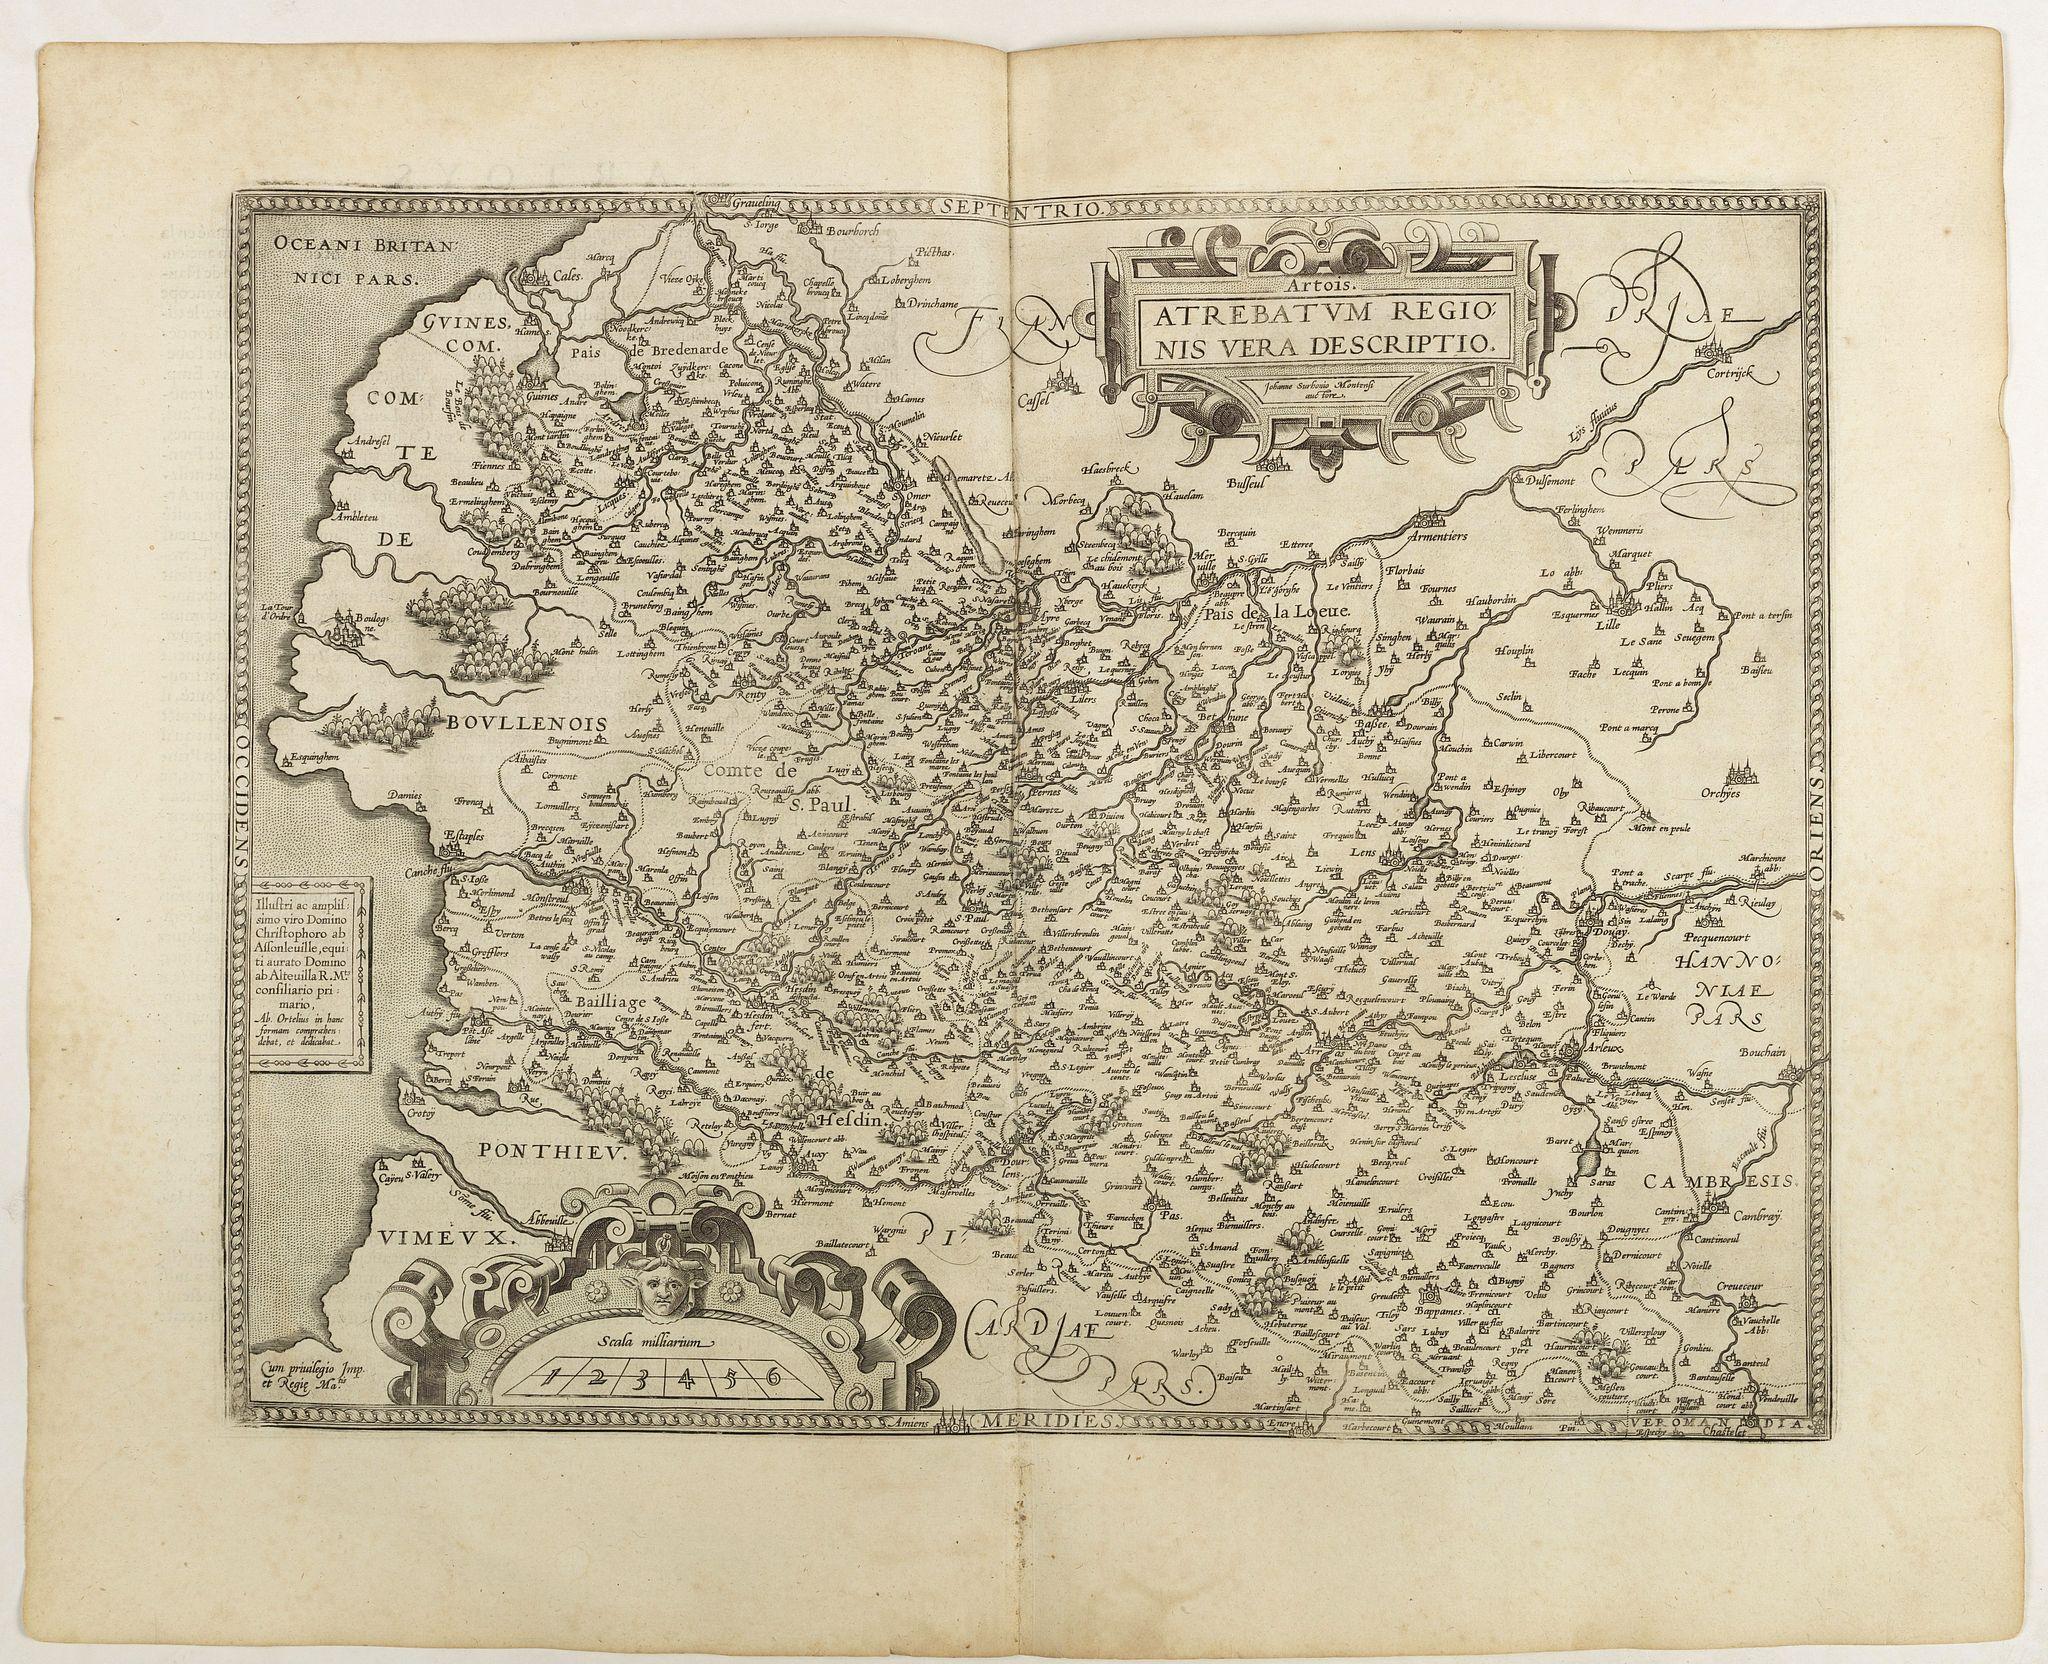 ORTELIUS, A. -  Artois.  Atrebatum Regionis Vera Descripto.